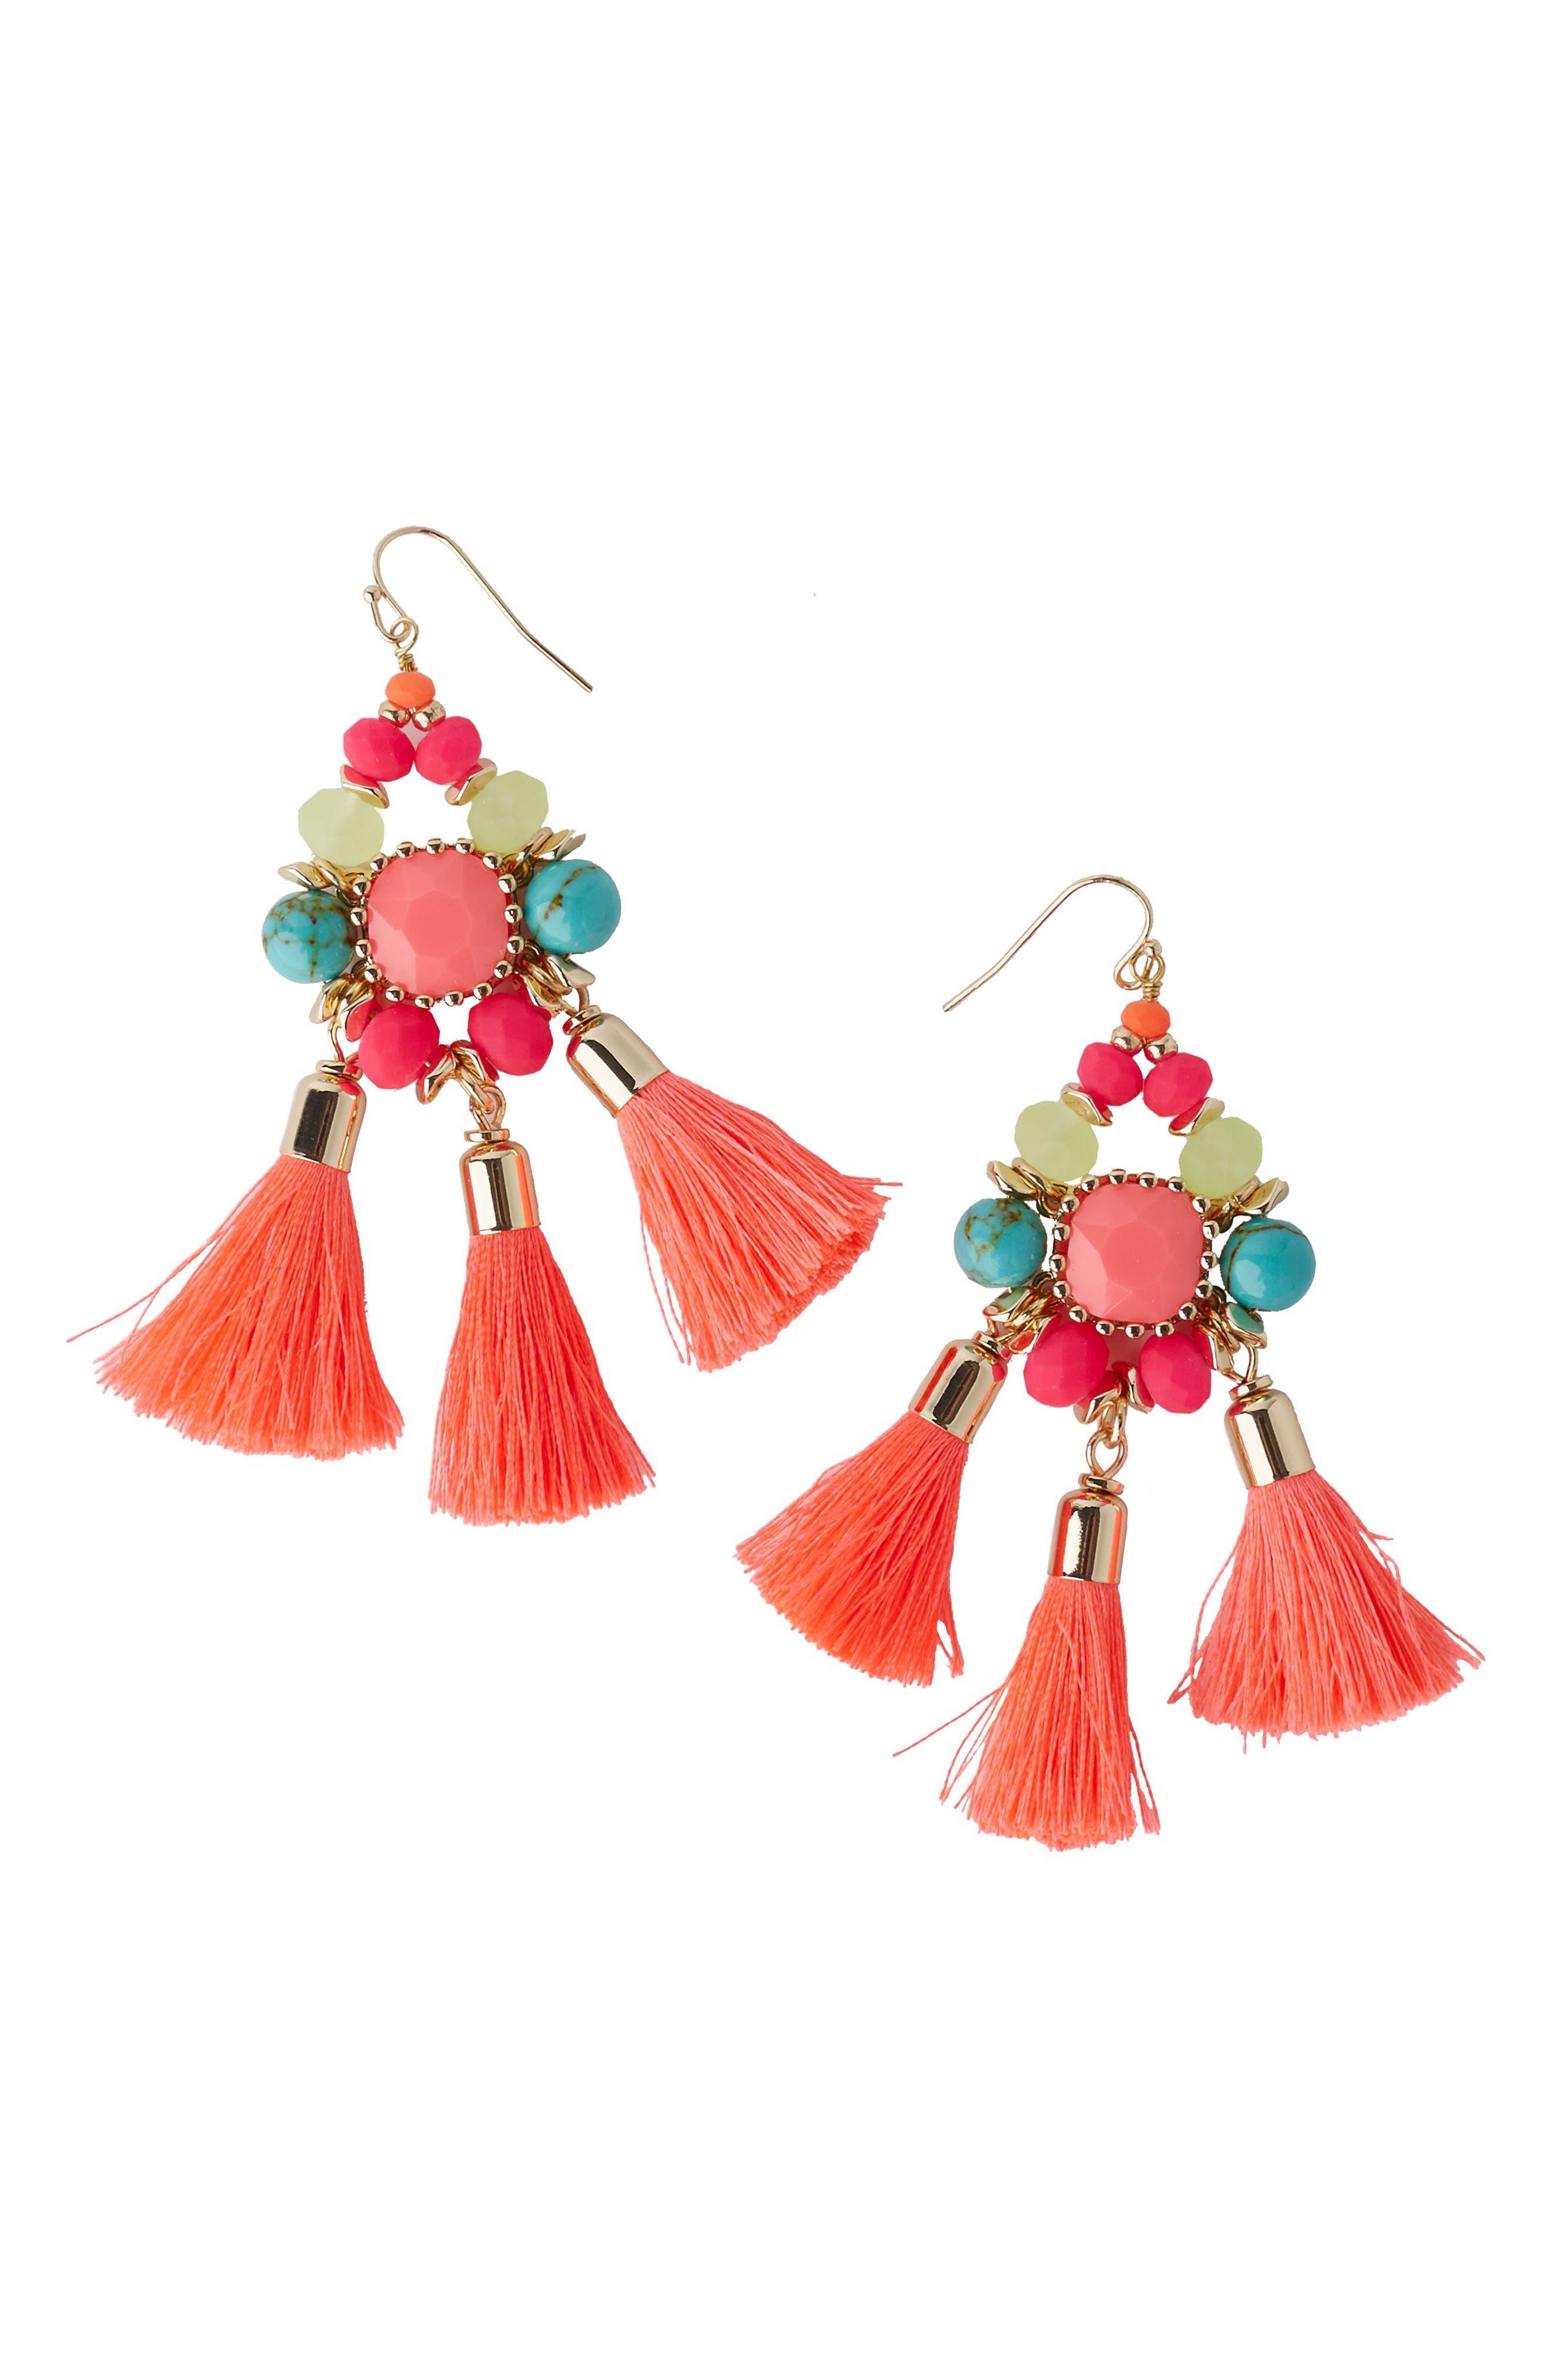 Boho Beach Drop Earrings,                             Main thumbnail 1, color,                             710